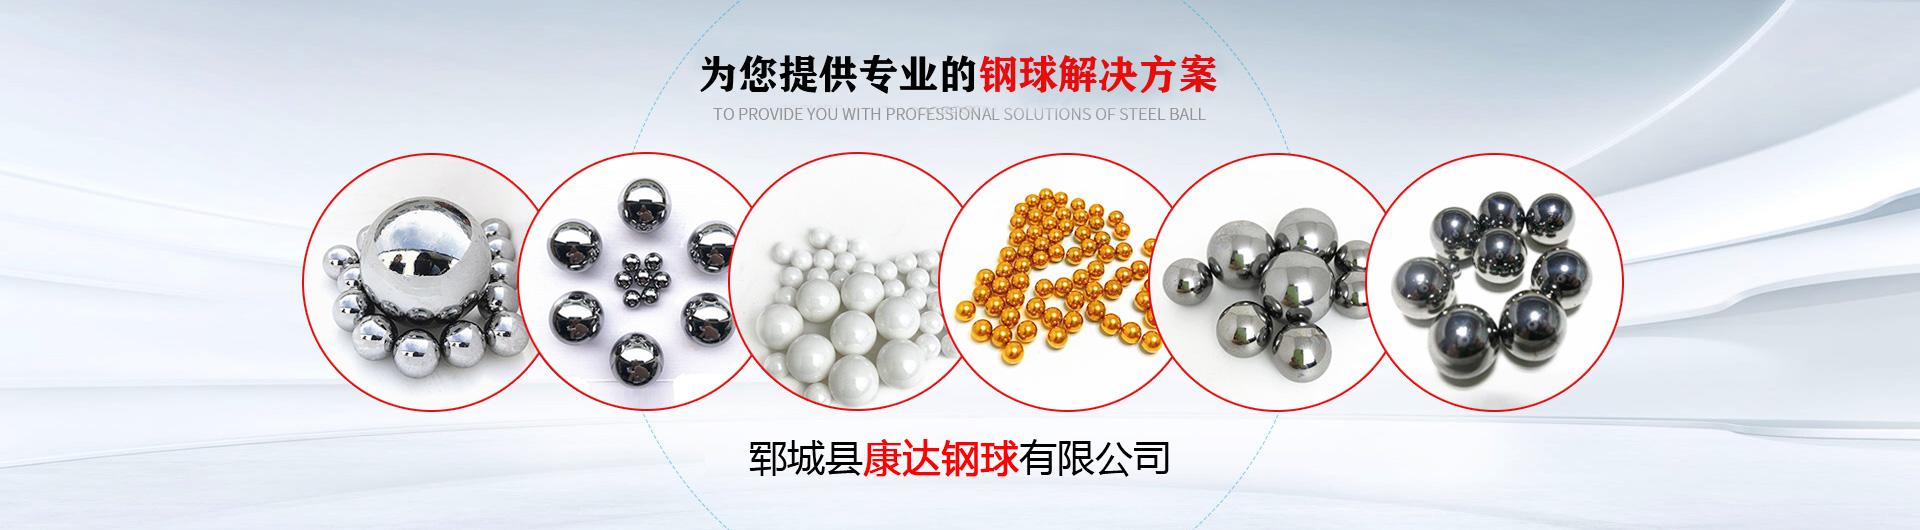 http://www.kdgangqiu.com/data/upload/202007/20200711145438_988.jpg